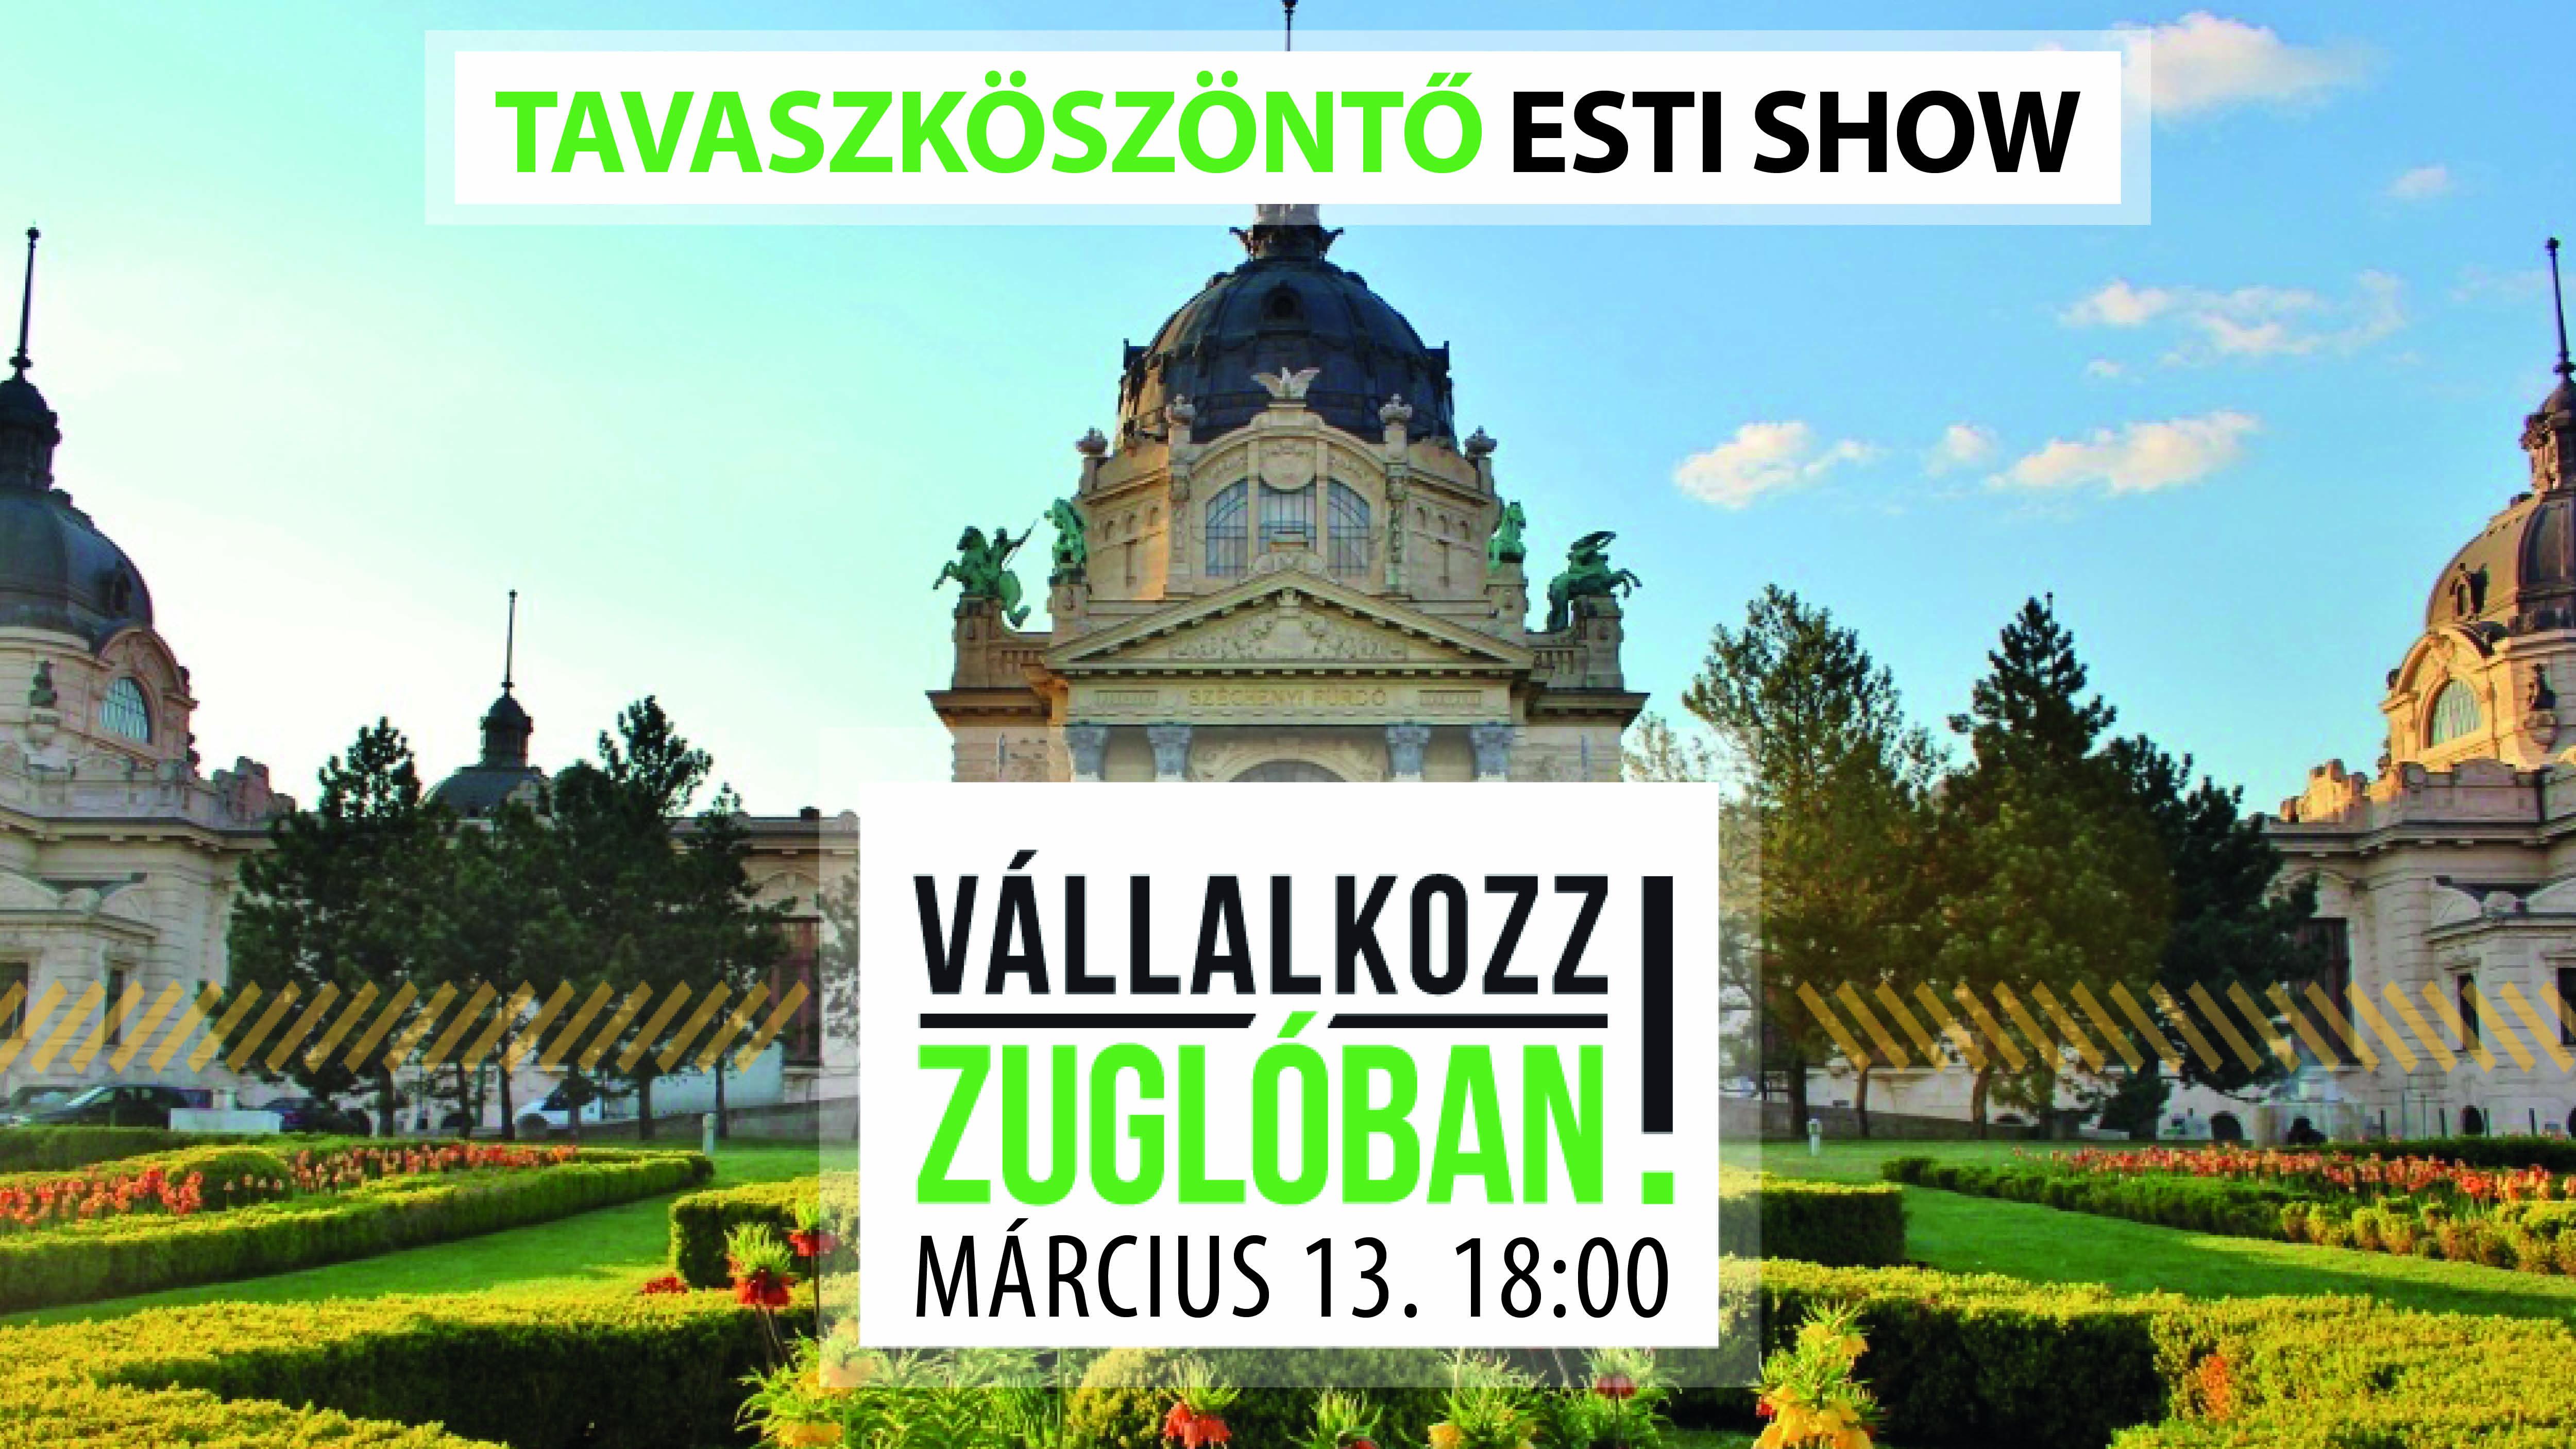 Vállalkozz Zuglóban! Tavaszi Esti show